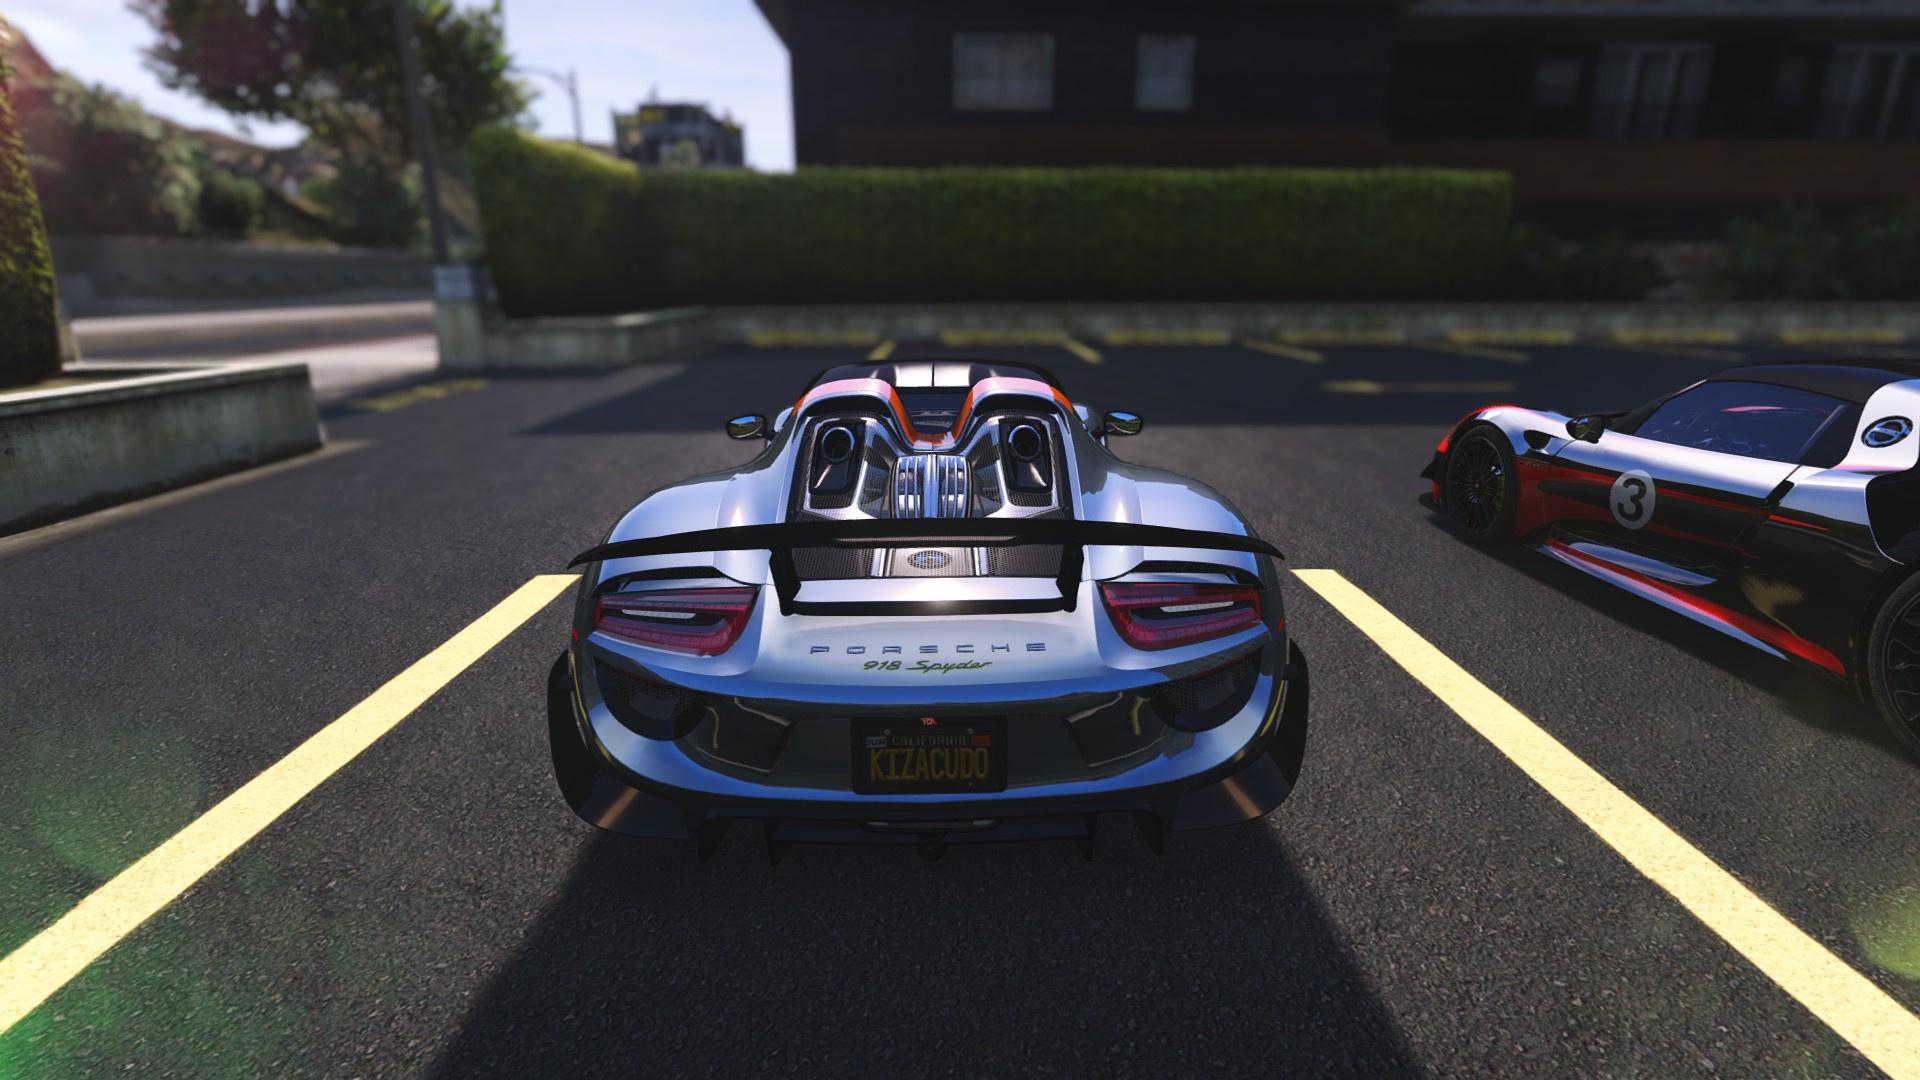 5ae2a2-GTA5%202017-07-04%2023-18-28 Stunning Porsche 918 Spyder Paint Job Cars Trend